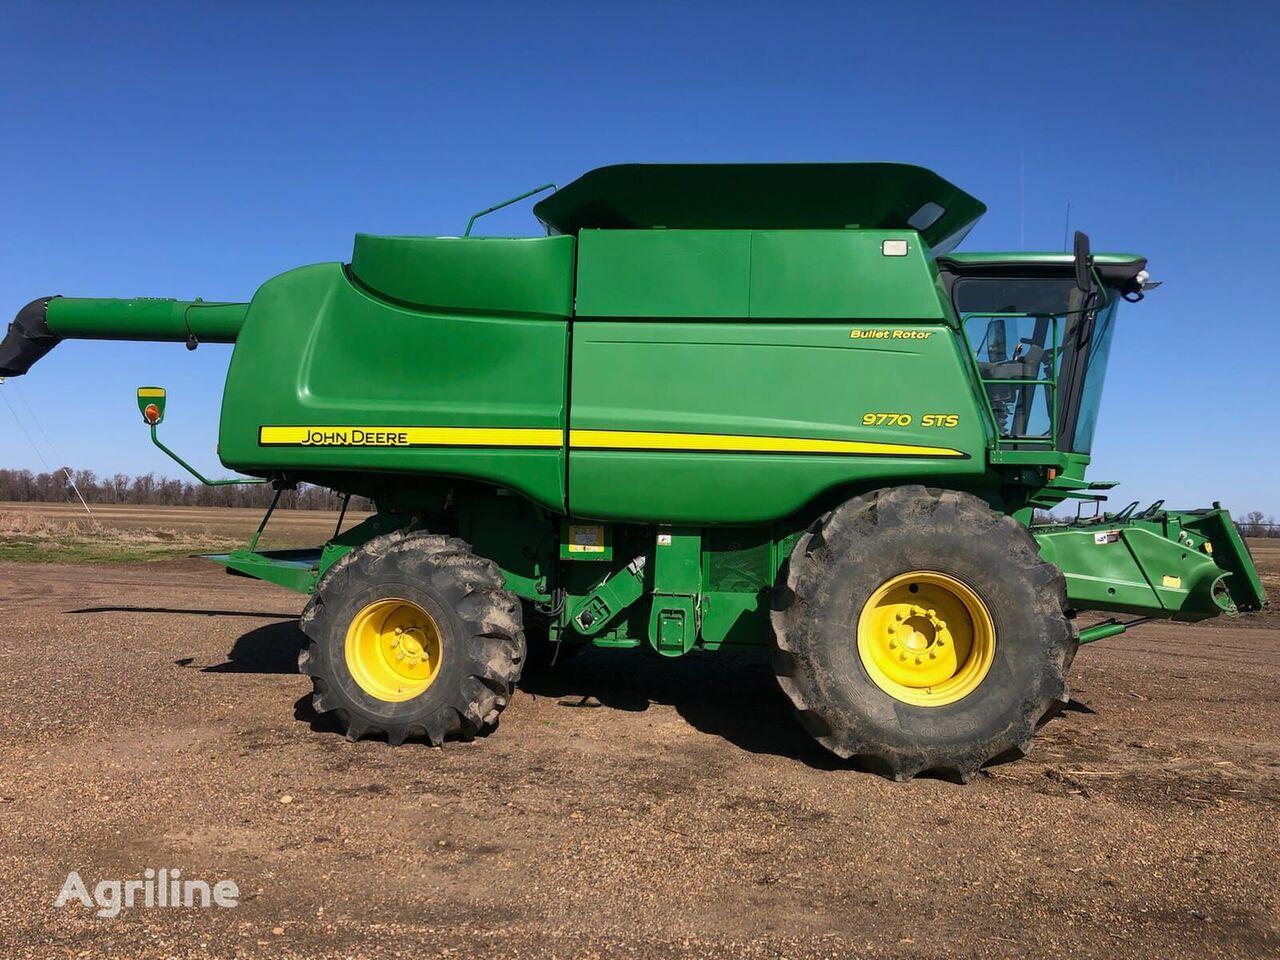 JOHN DEERE 9770 STS cosechadora de cereales